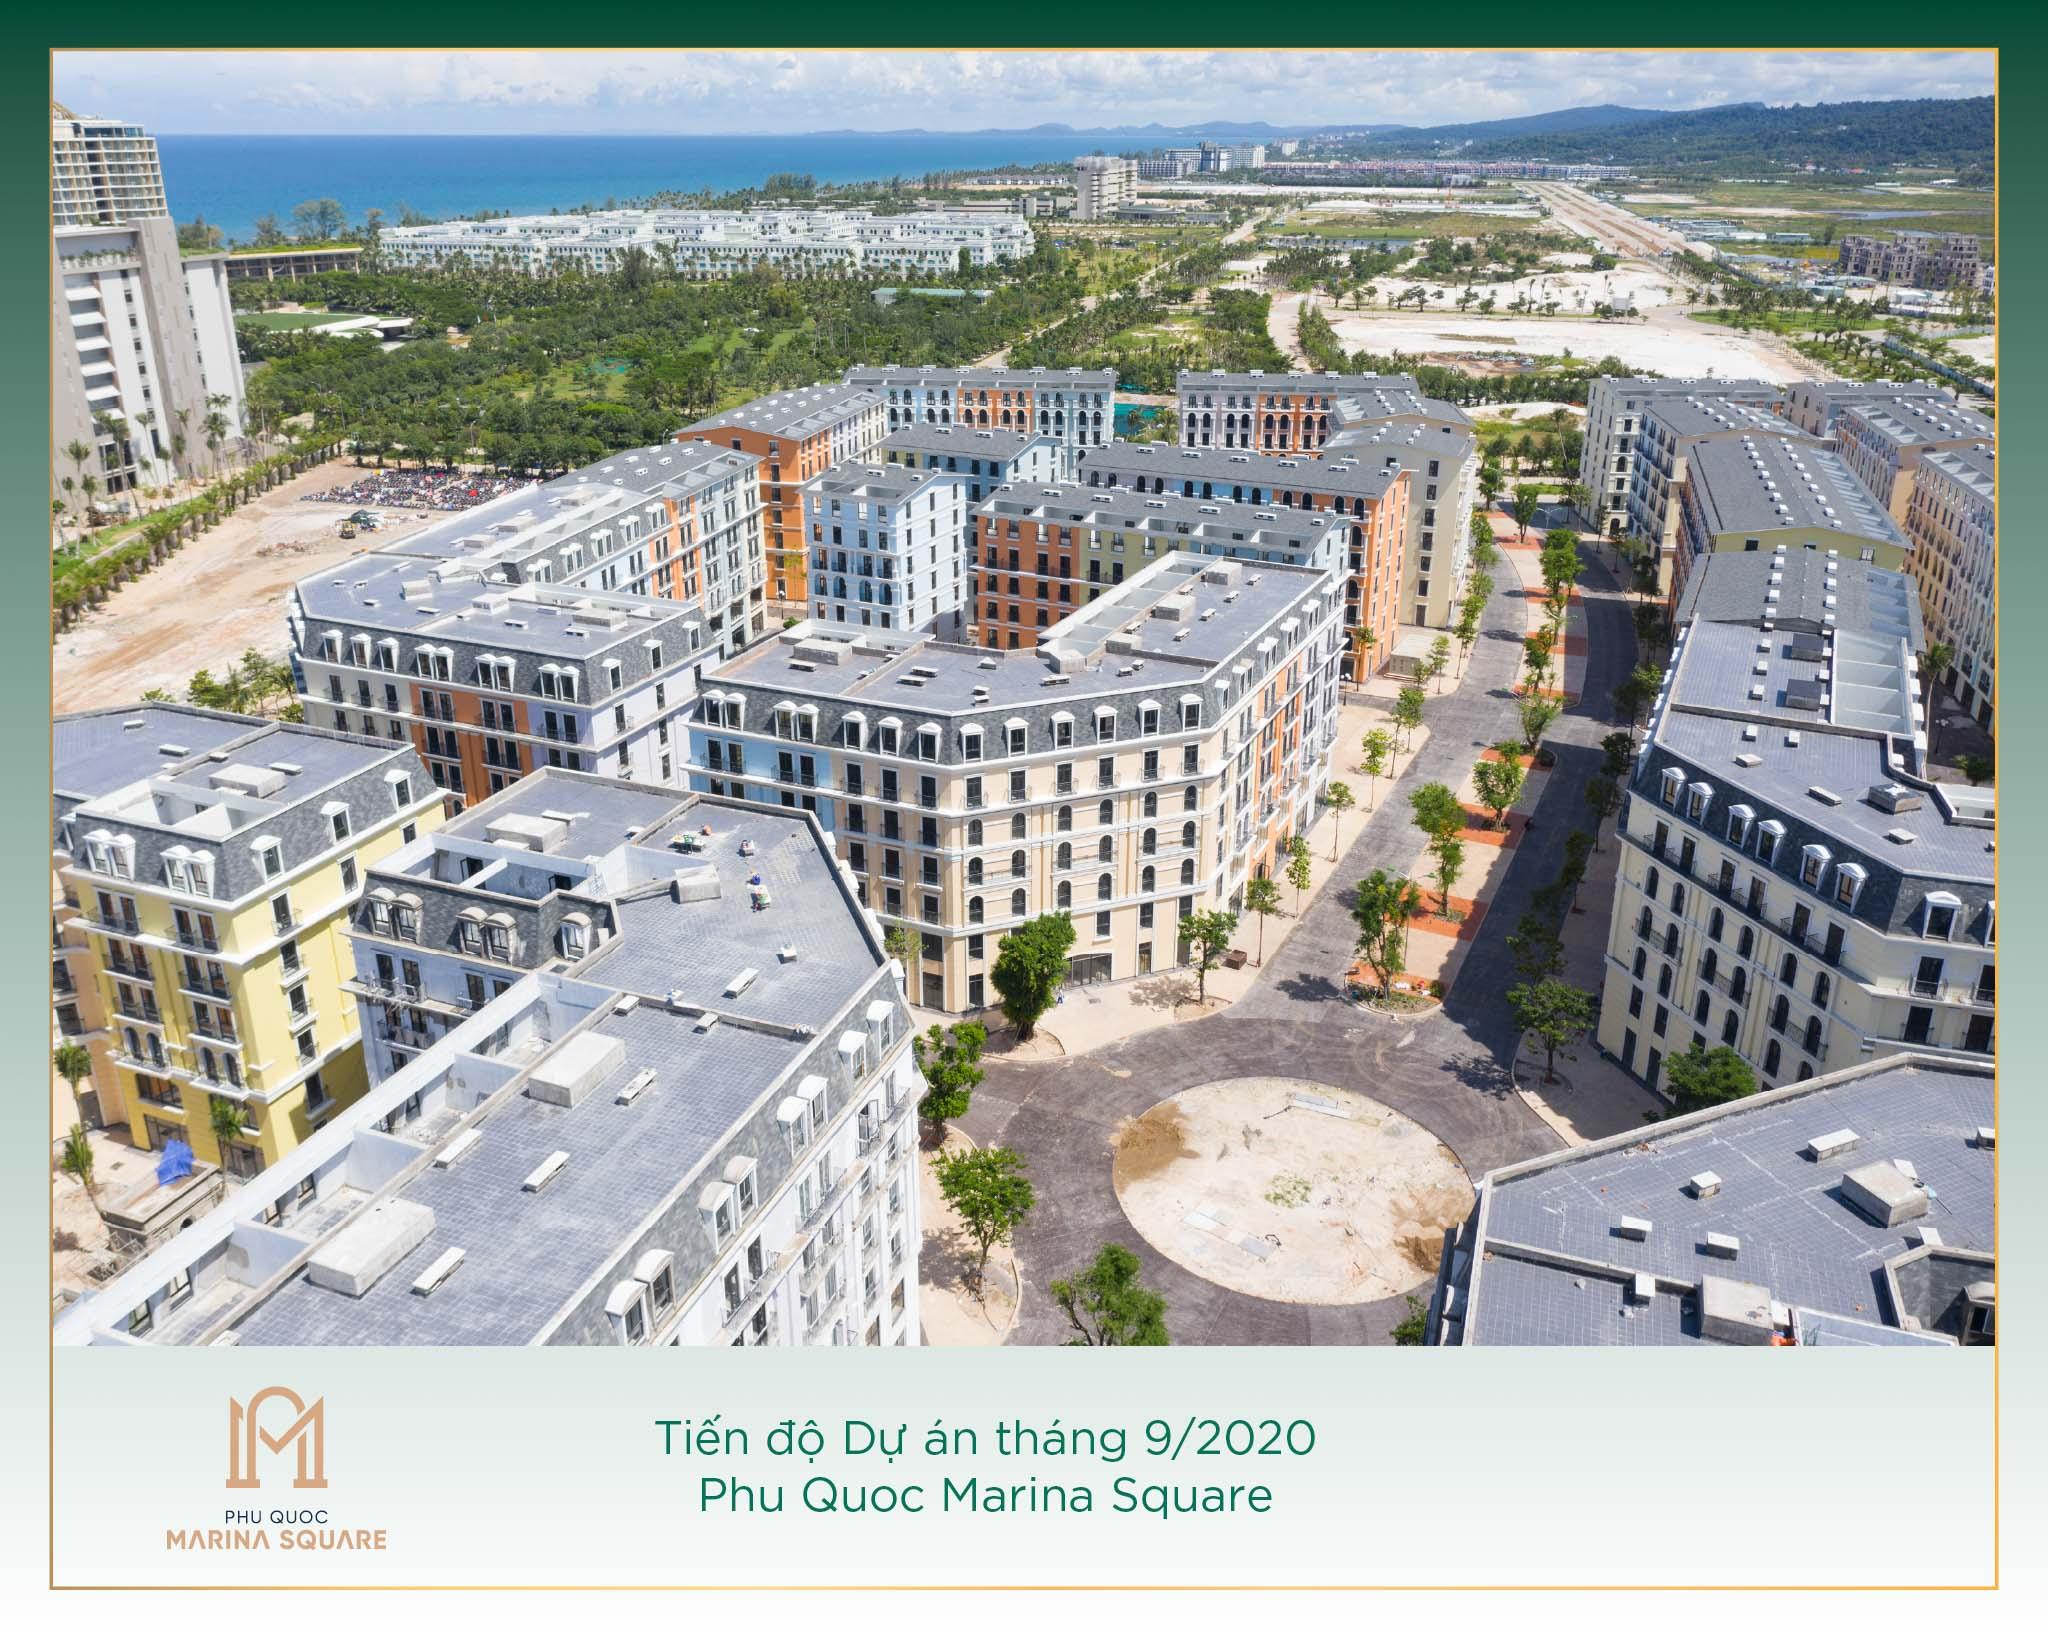 2020-09-08 tien do Phu Quoc Marina Square6